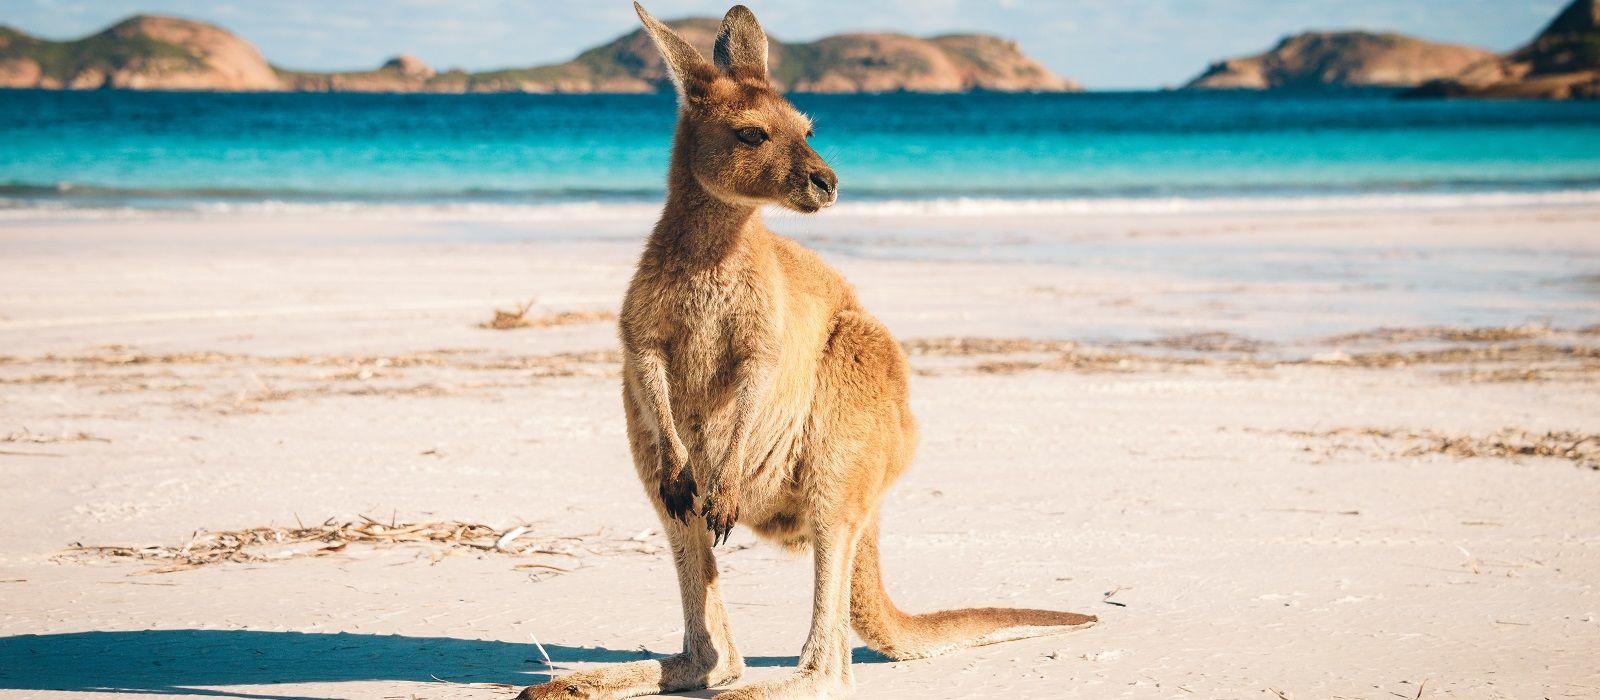 Australien: Metropolen, Nationalparks & Strände Urlaub 7